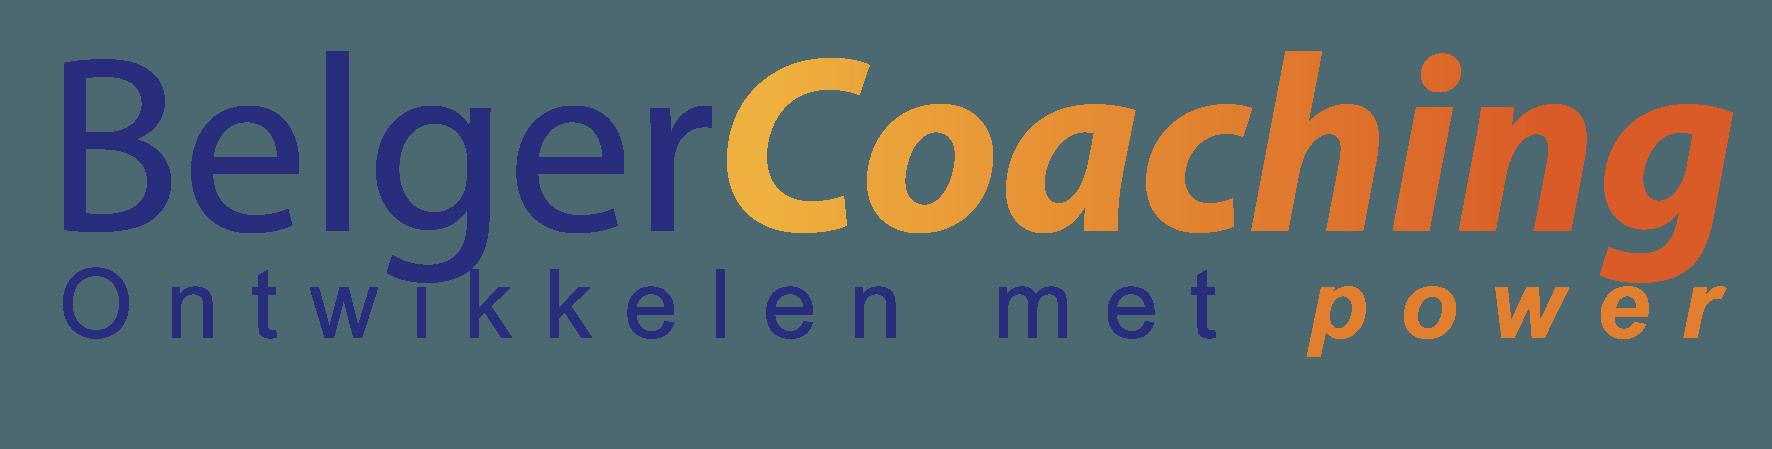 BelgerCoaching | Ontwikkelen met Power